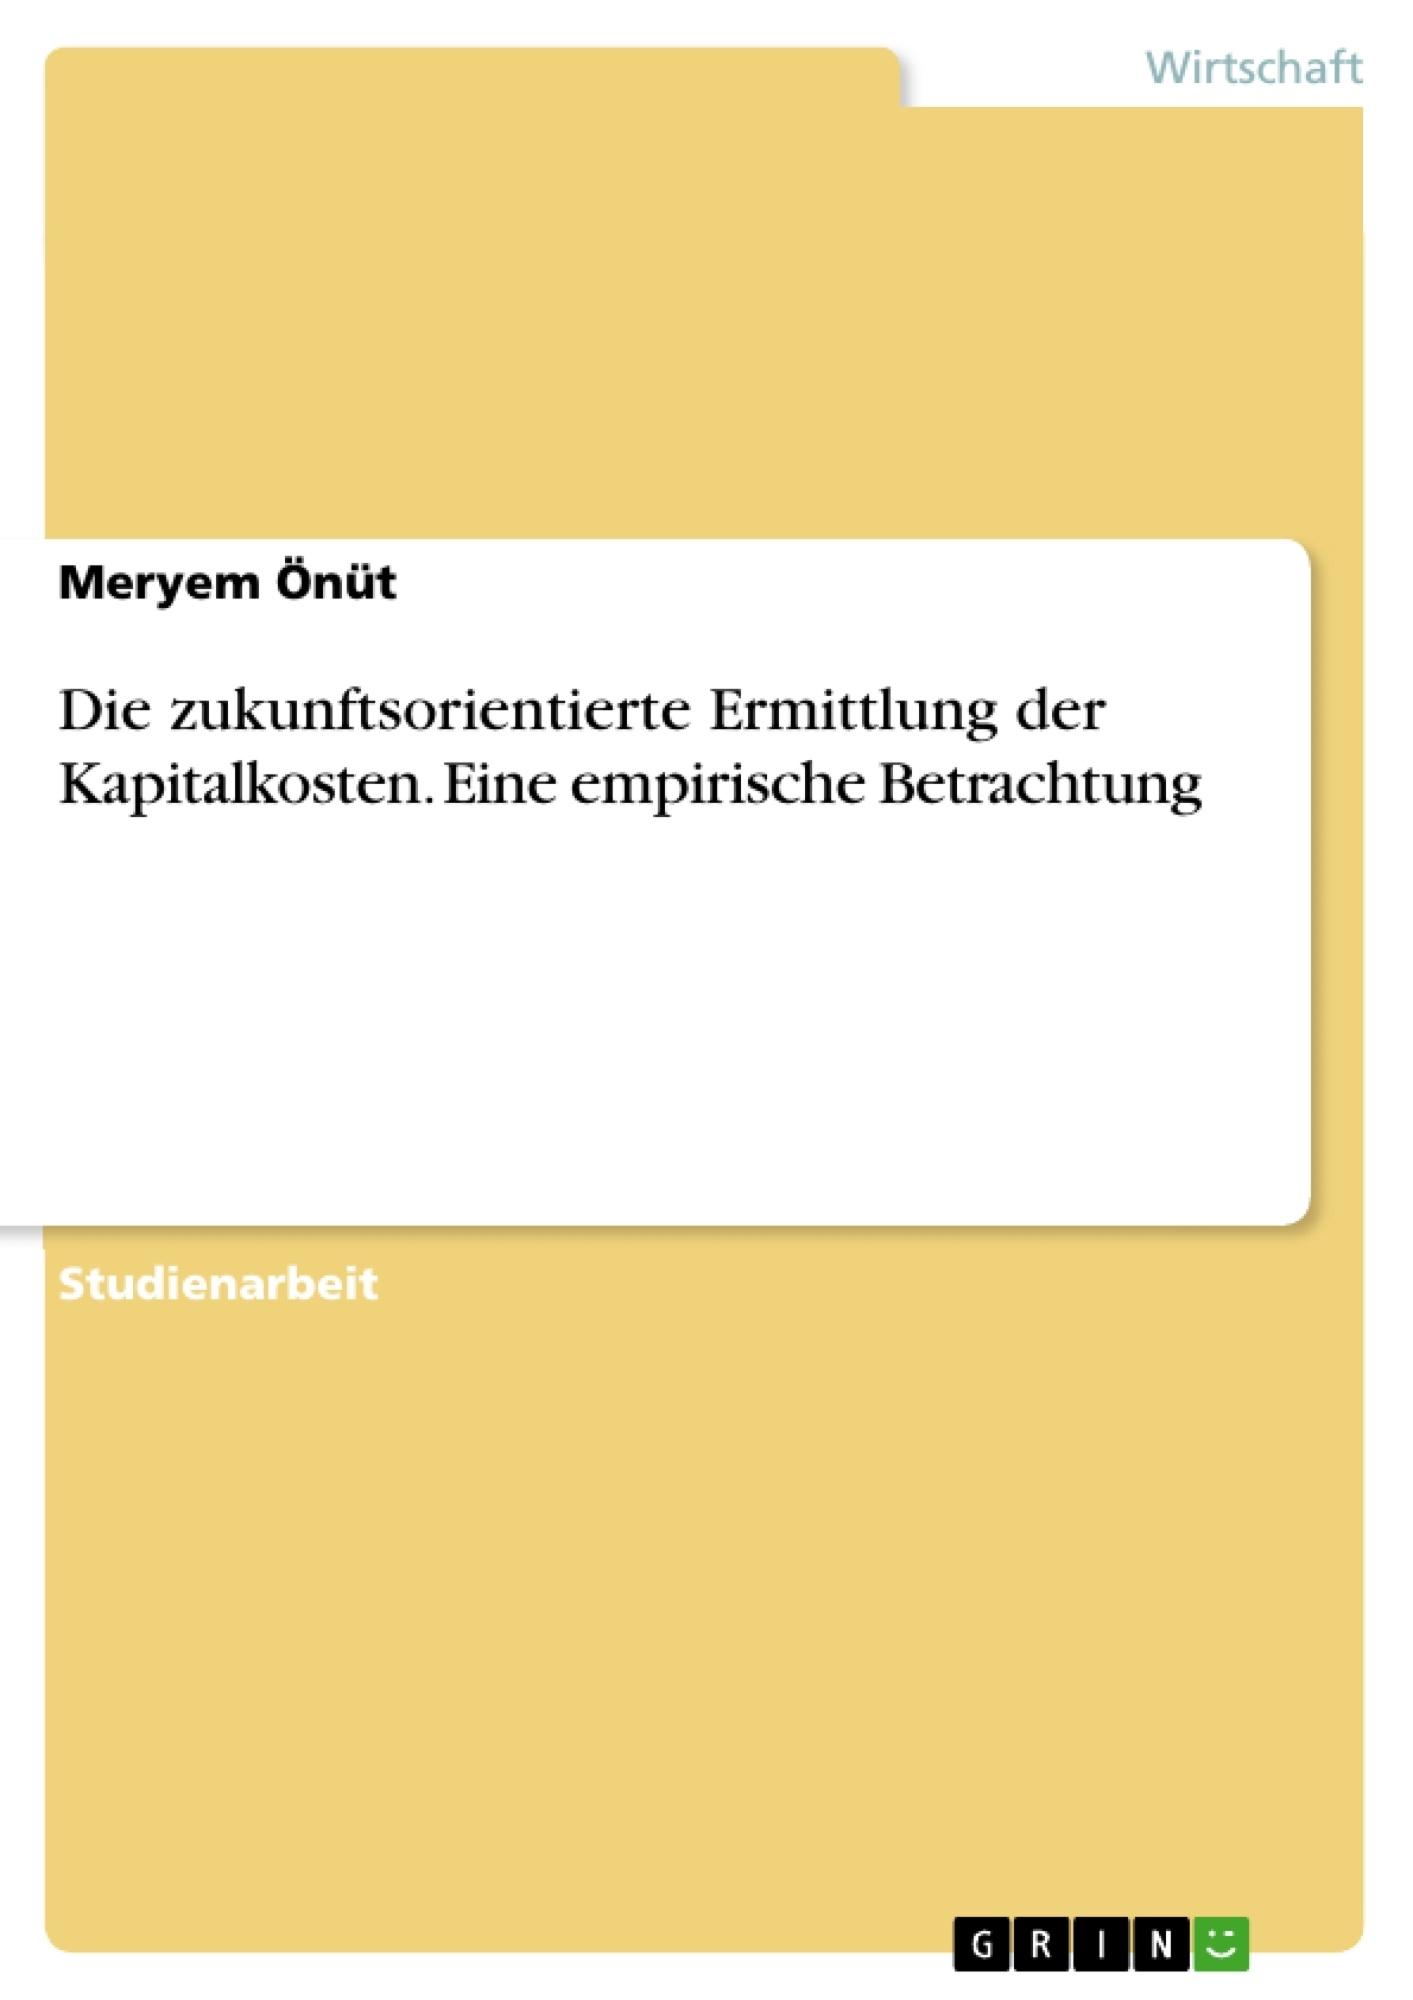 Titel: Die zukunftsorientierte Ermittlung der Kapitalkosten. Eine empirische Betrachtung